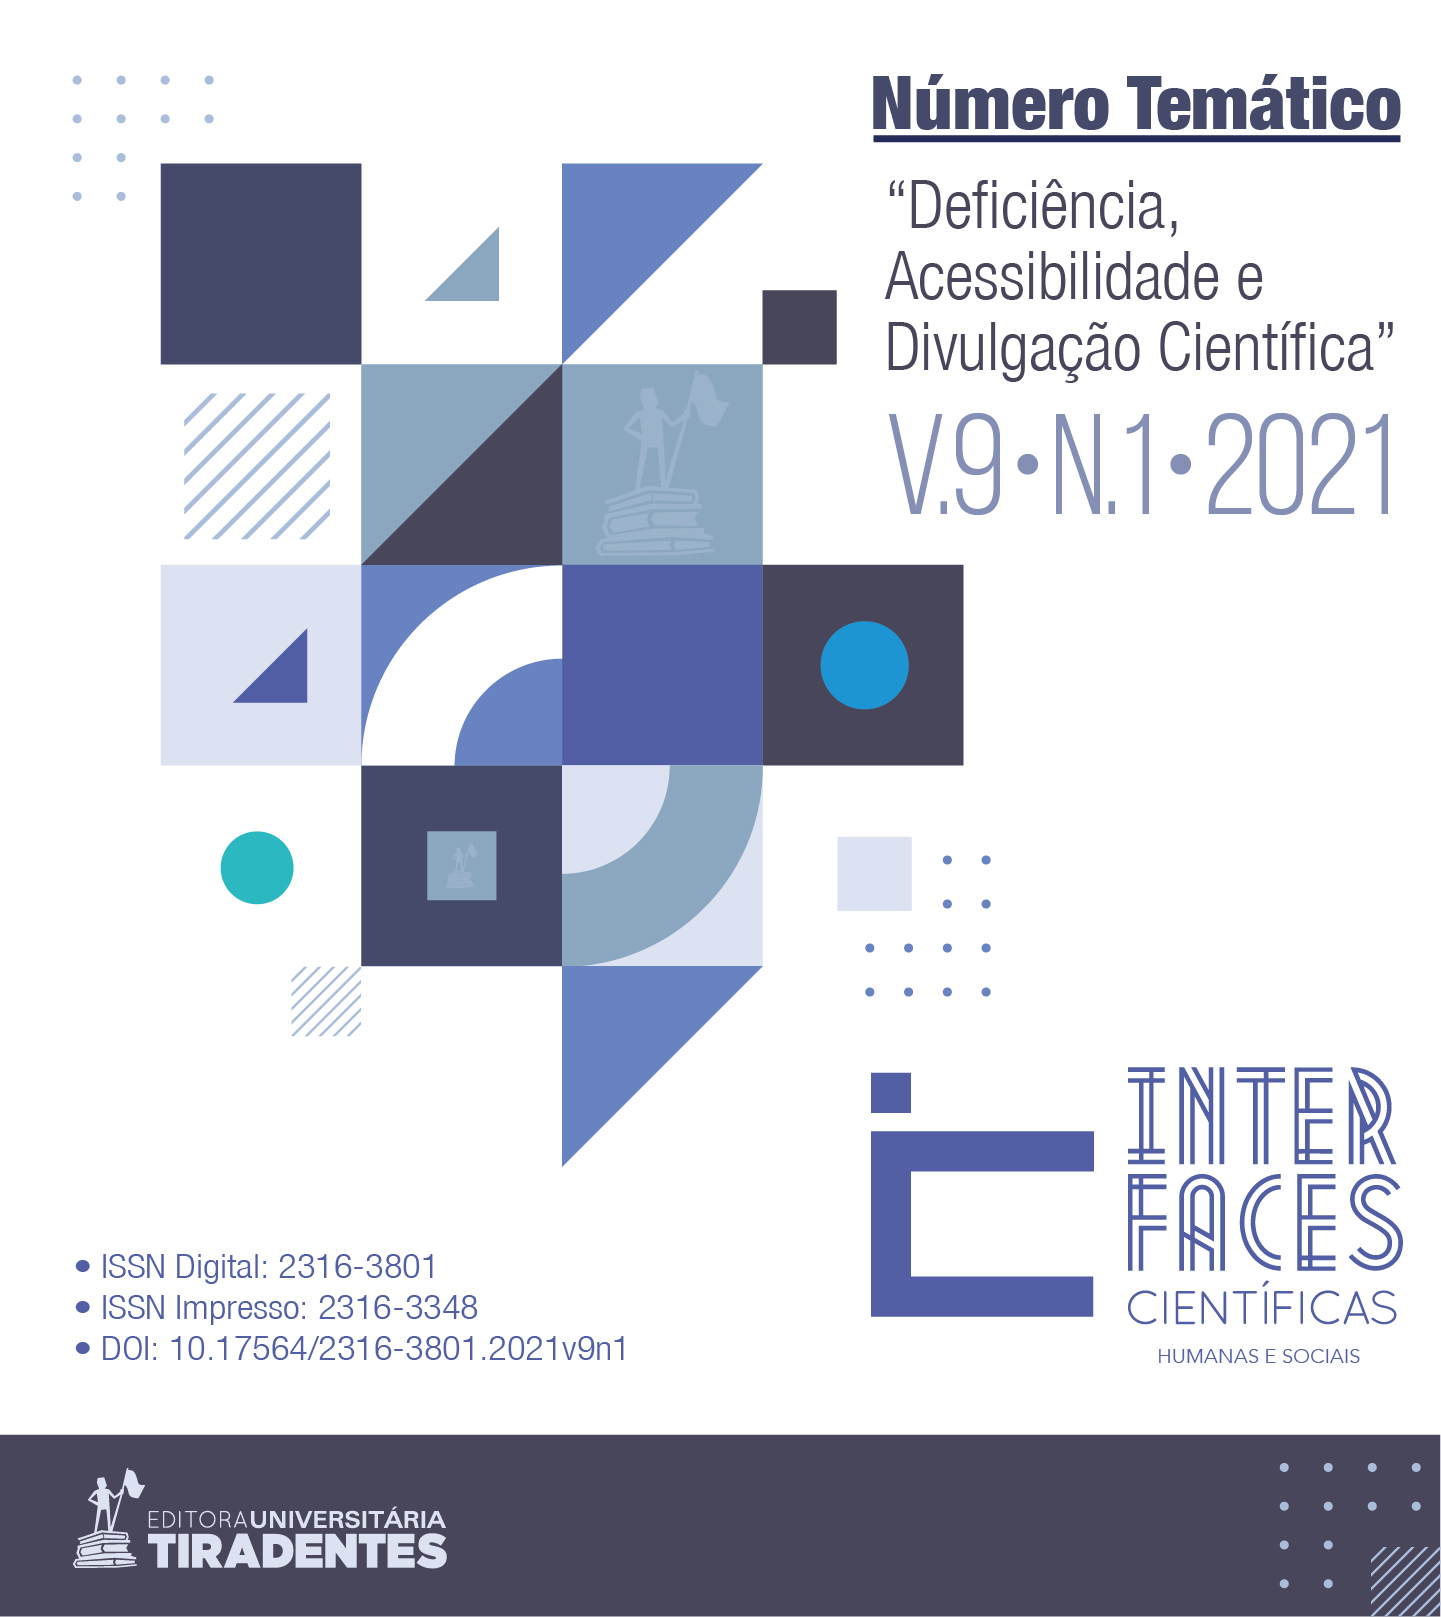 Capa do número temático Deficiência, Acessibilidade e Divulgação Científica, volume 9 número 1 ano de 2021